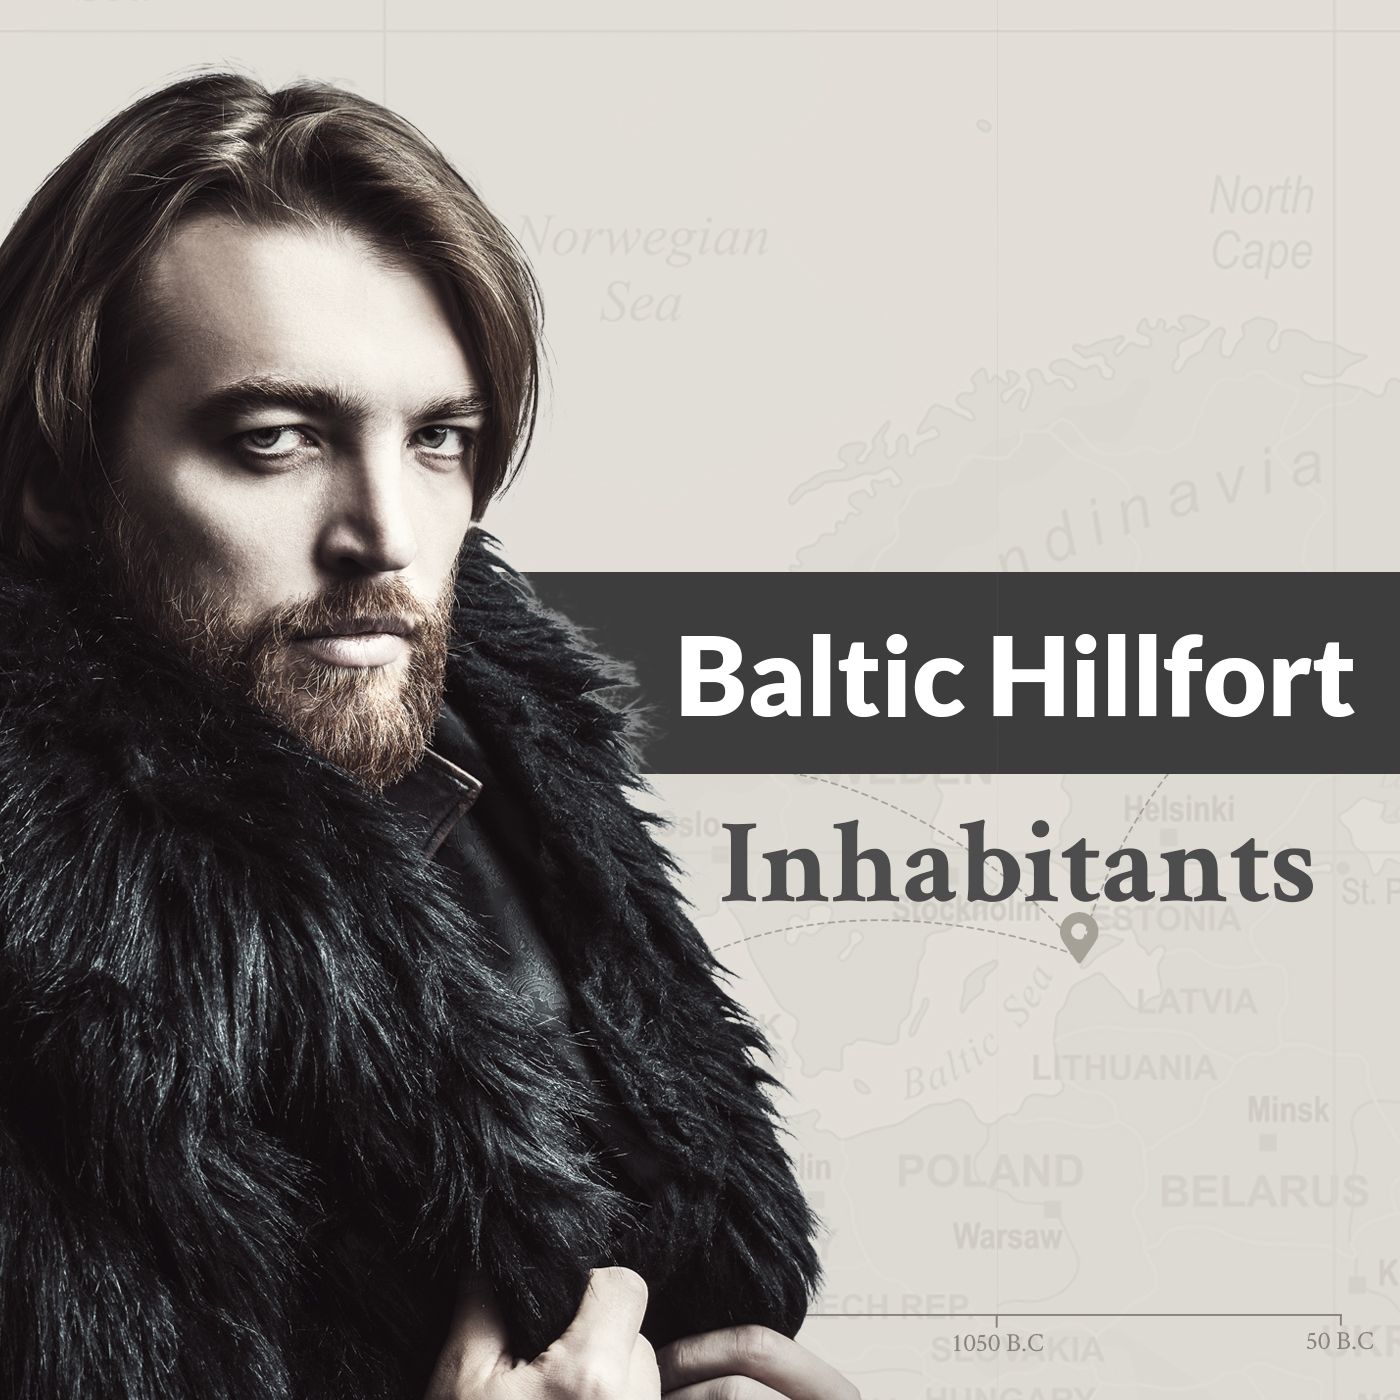 Baltic Hillfort Inhabitants